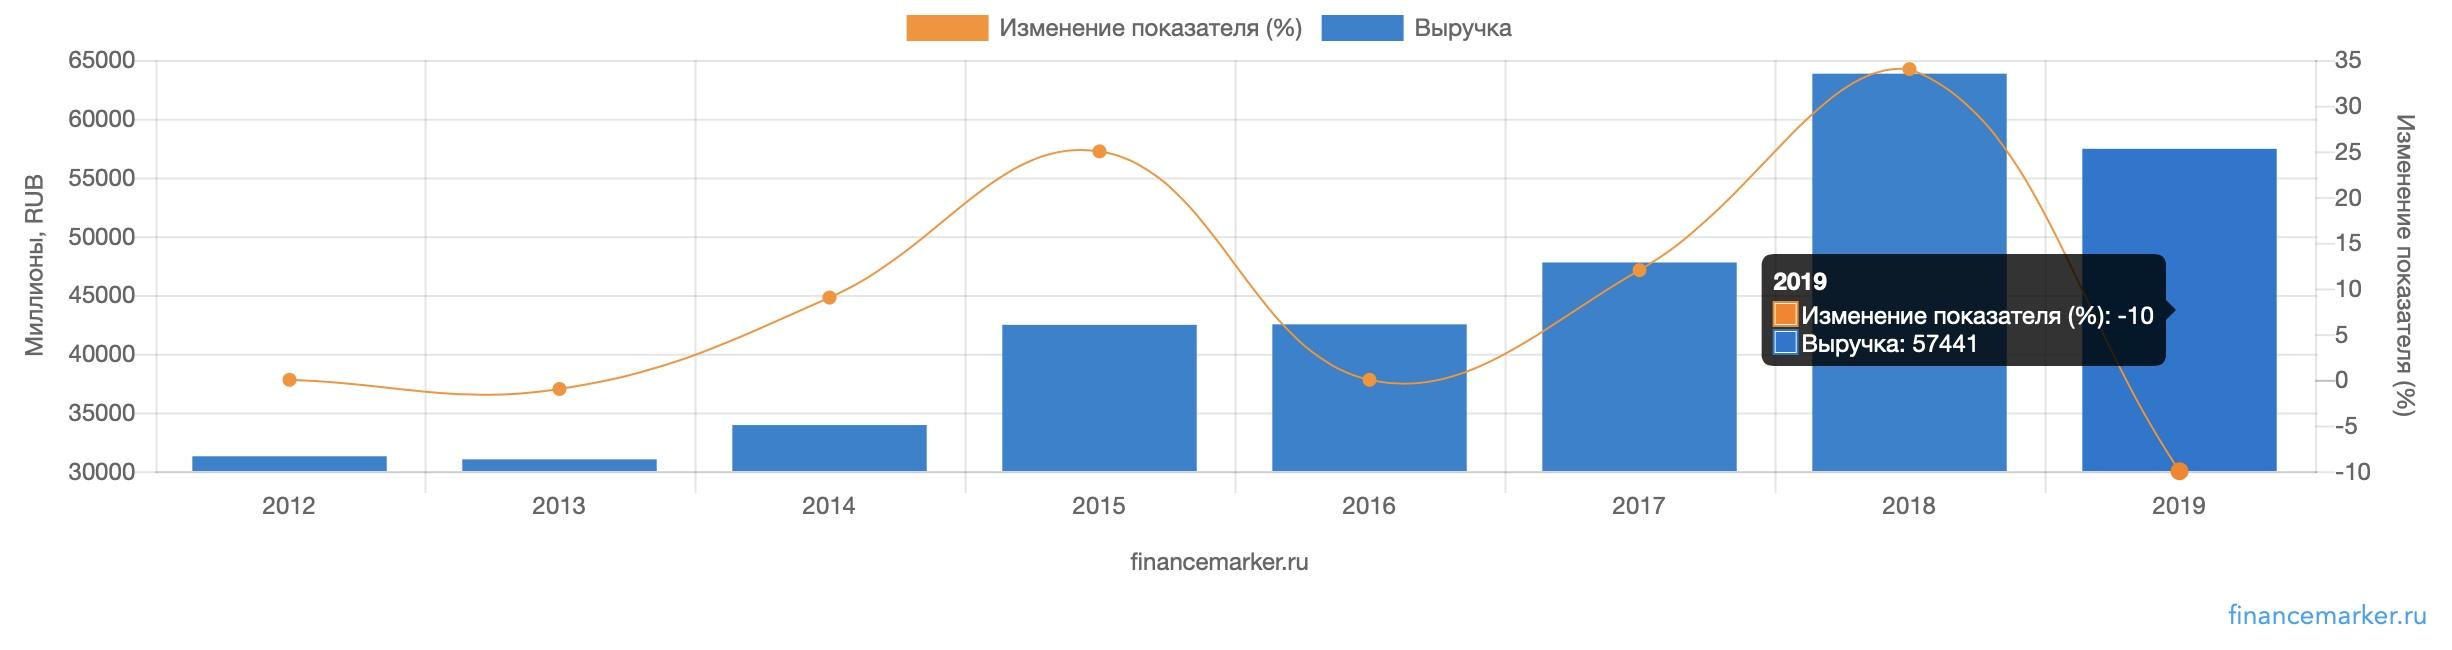 КуйбышевАзот - полный разбор компании + SWOT-анализ, изображение №1